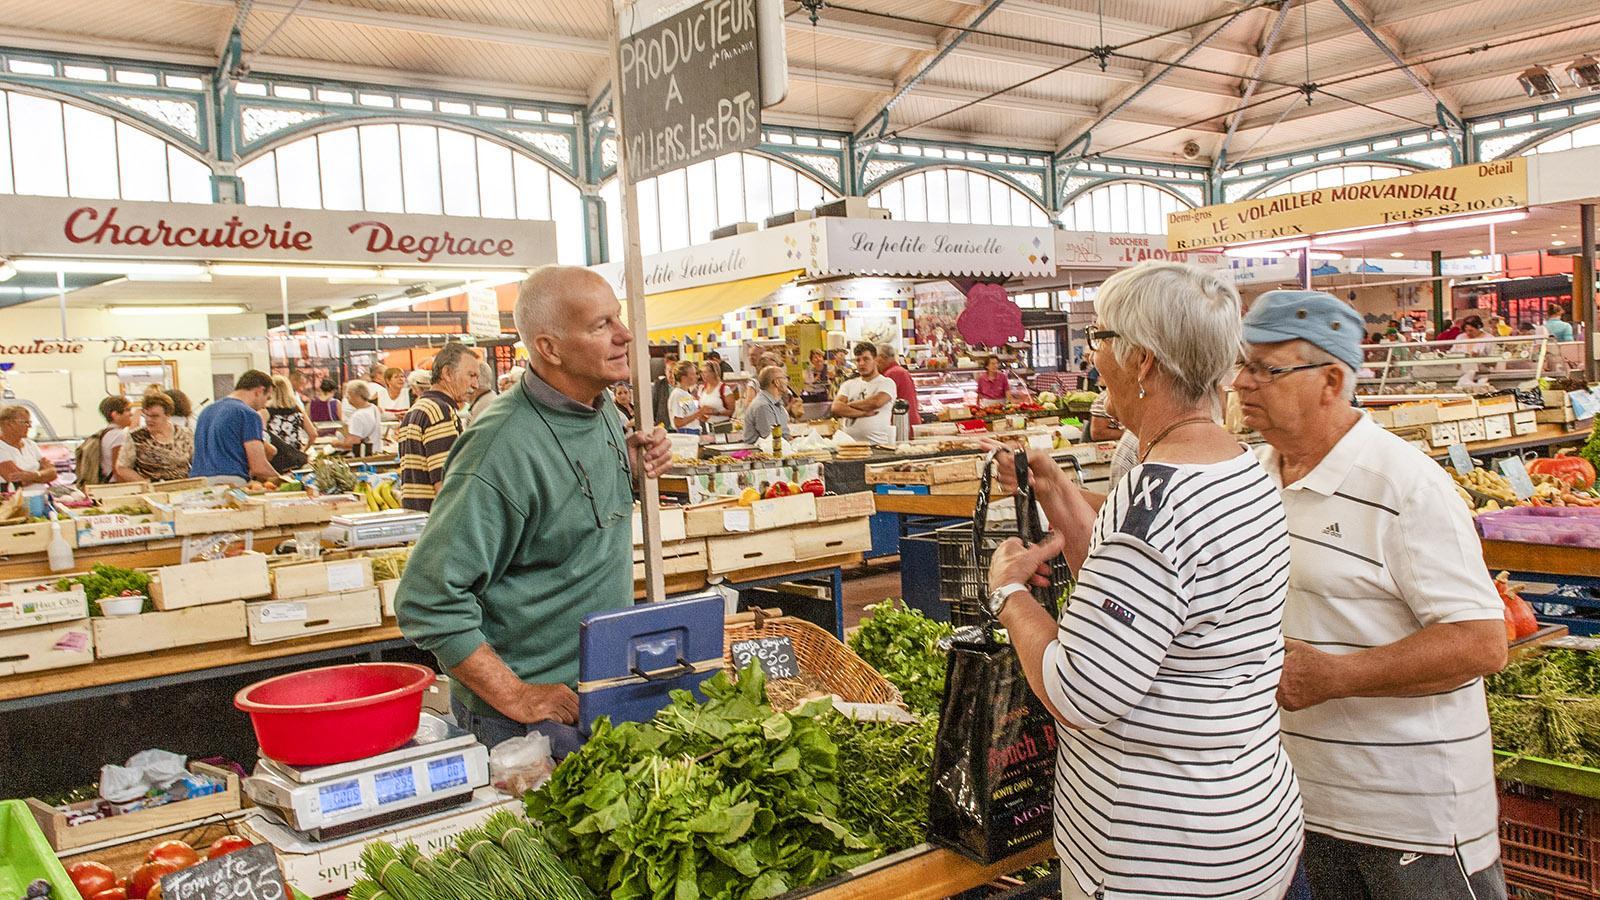 Markthalle von Dijon: Gemüse von lokalen Produzenten. Foto: Hilke Maunder